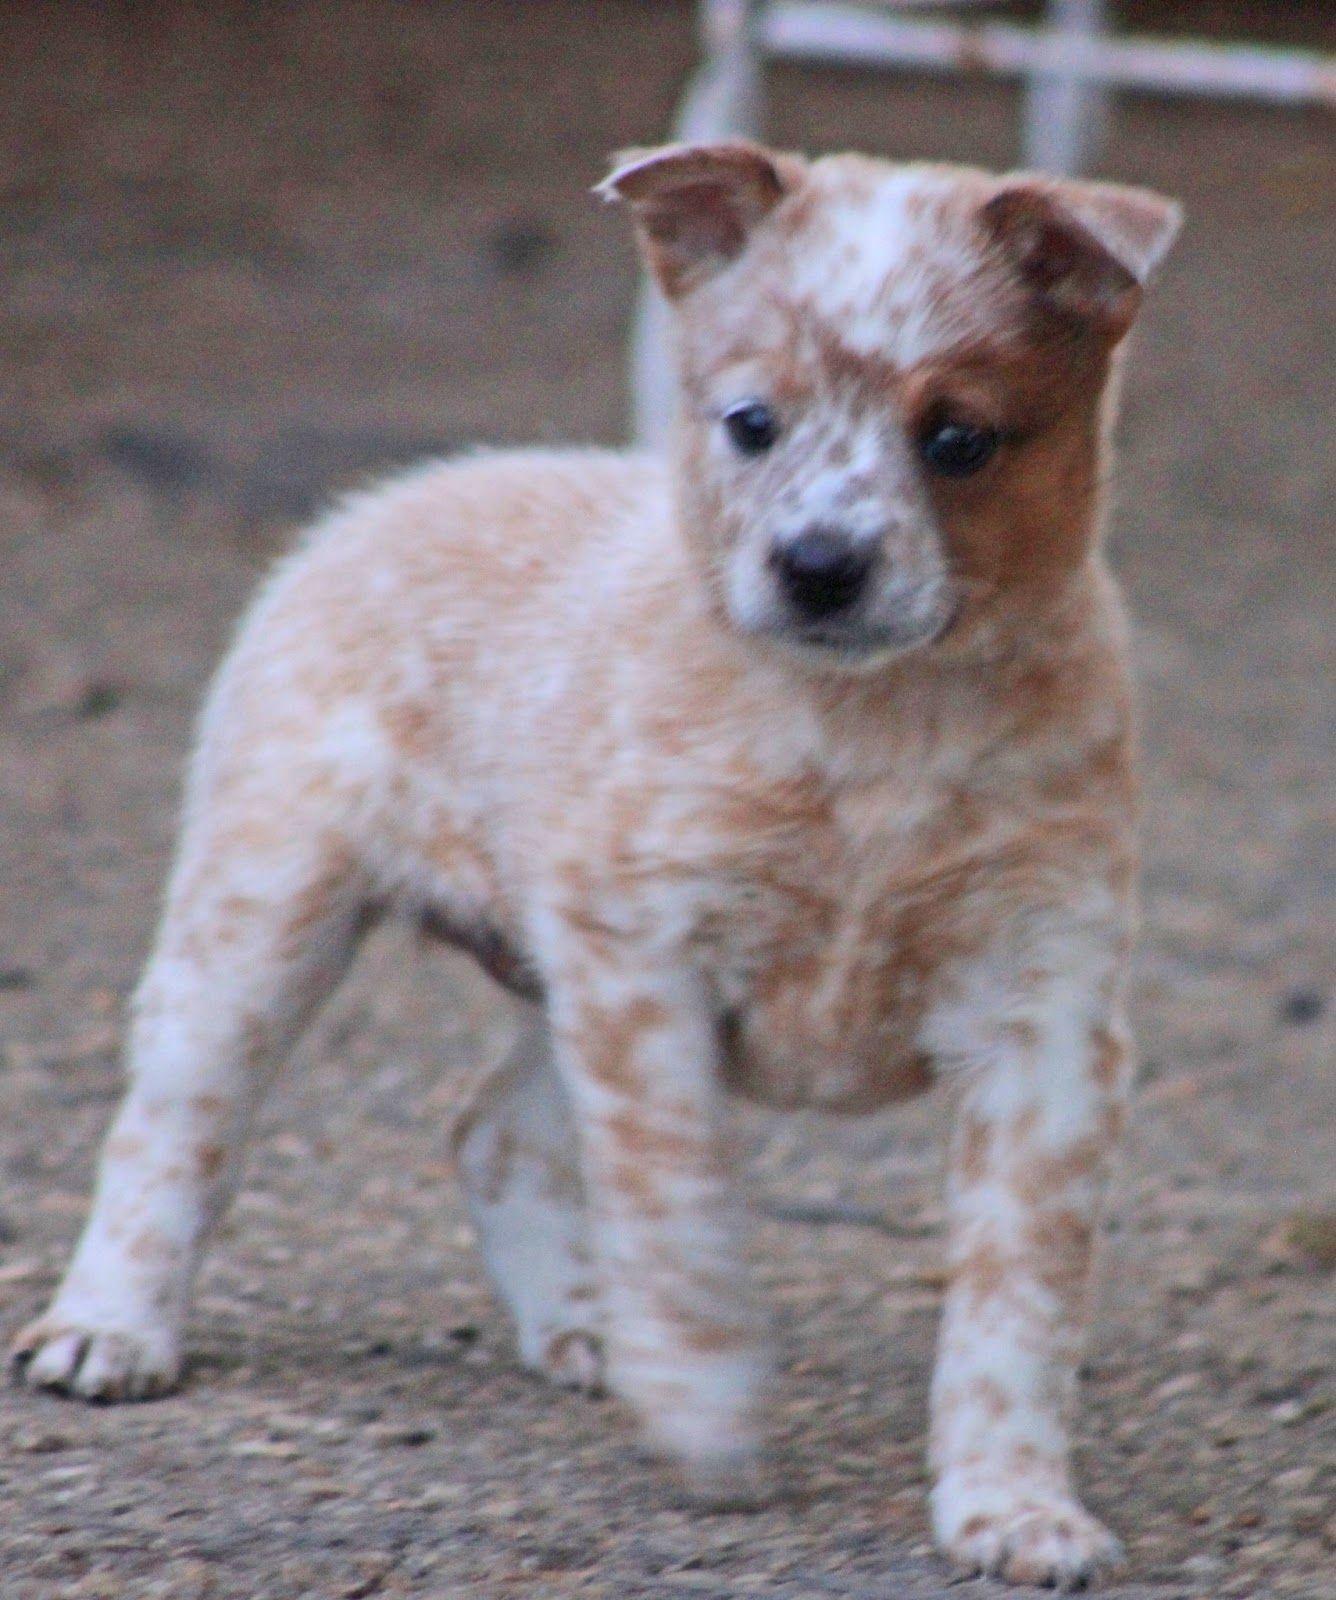 Queensland Heeler Puppy Dogs For Sale in Ventura County